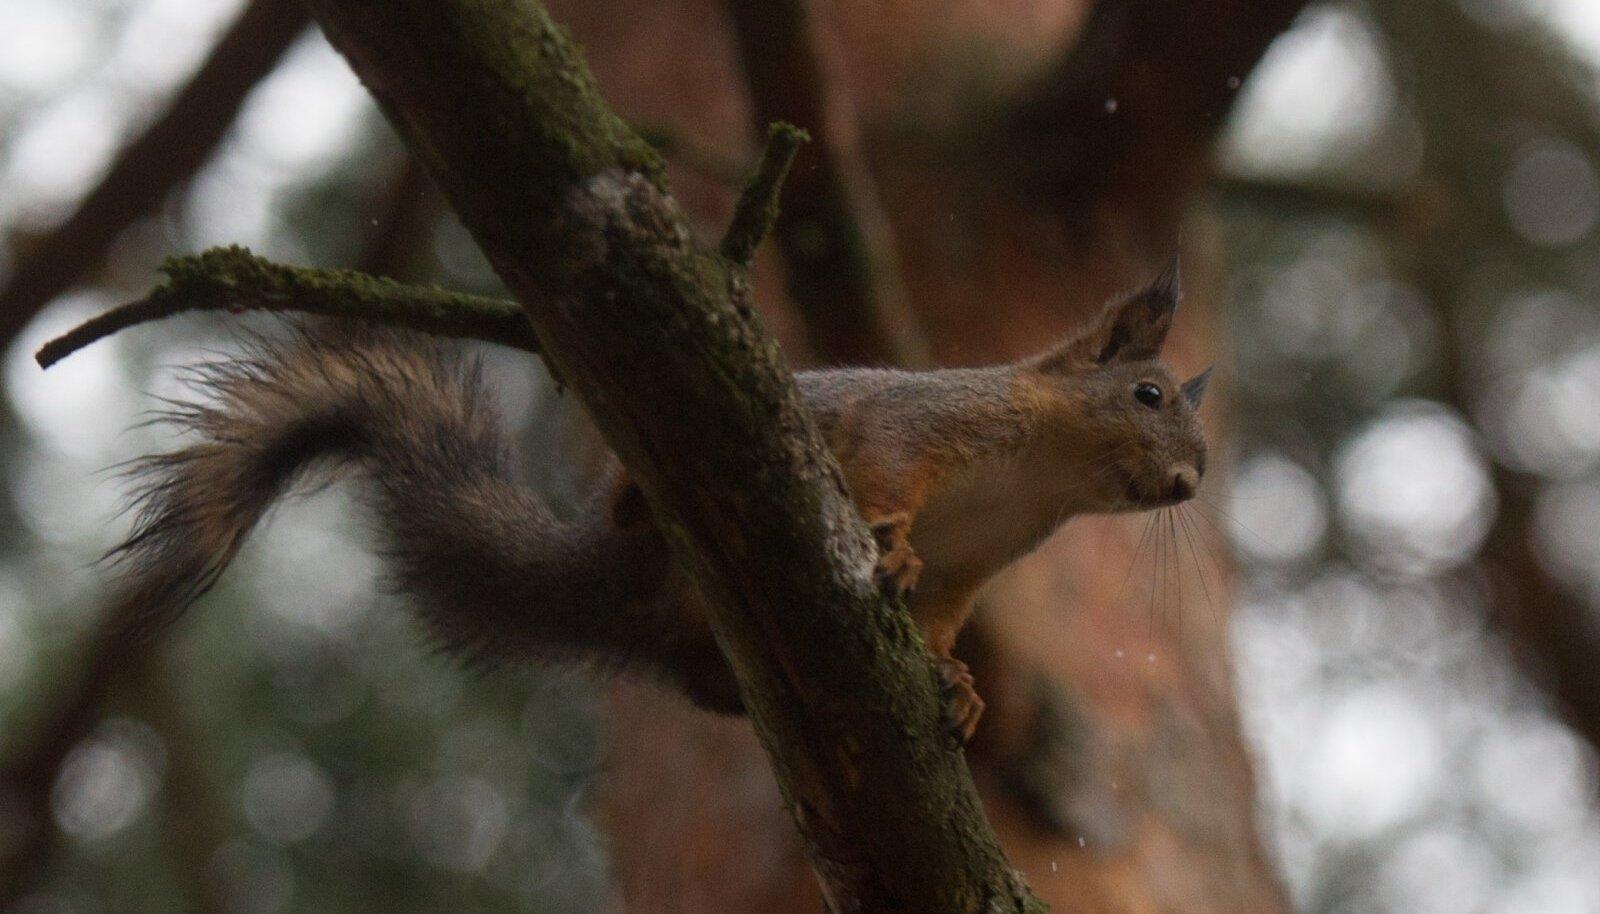 Oravajaht lõppes katkise profikaameraga